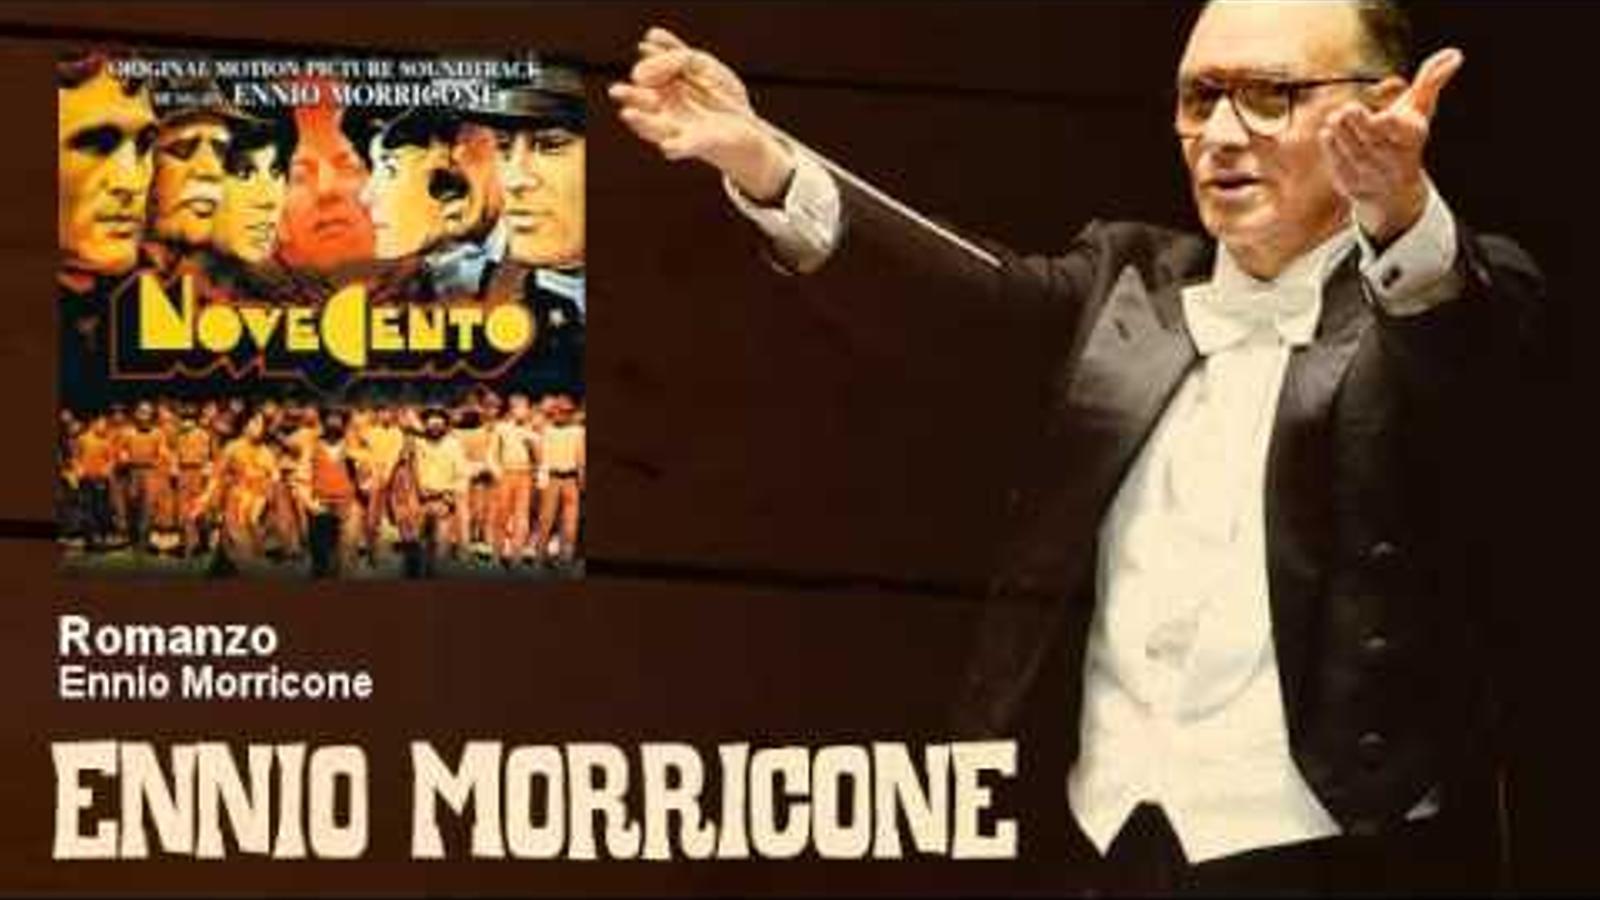 'Romanzo', d'Ennio Morricone, una de les peces de la banda sonora de 'Novecento'